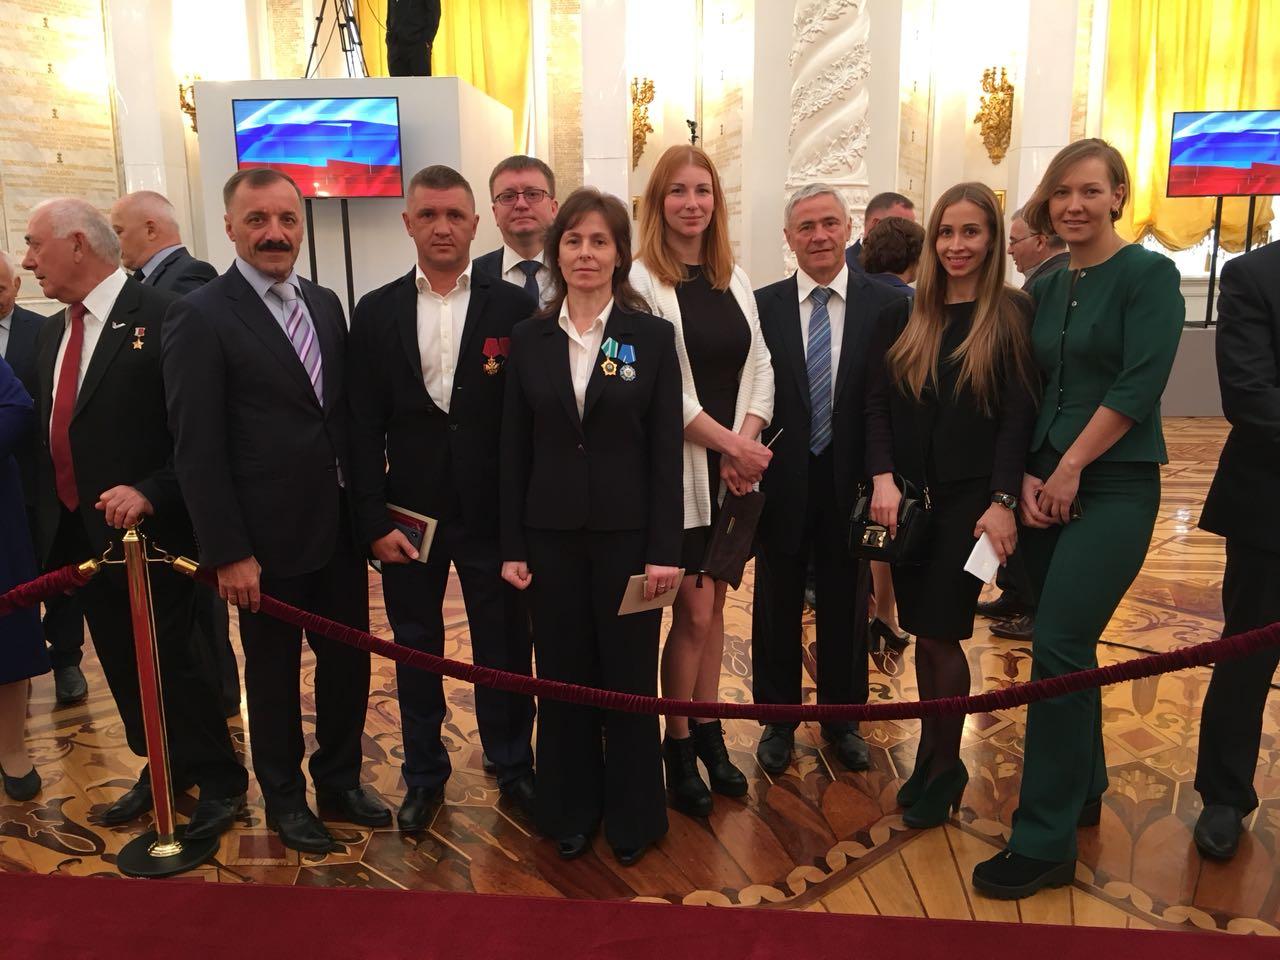 Руководители ПКР, многократные чемпионы Паралимпийских игр в Кремле приняли участие в инаугурации Президента РФ В.В. Путина